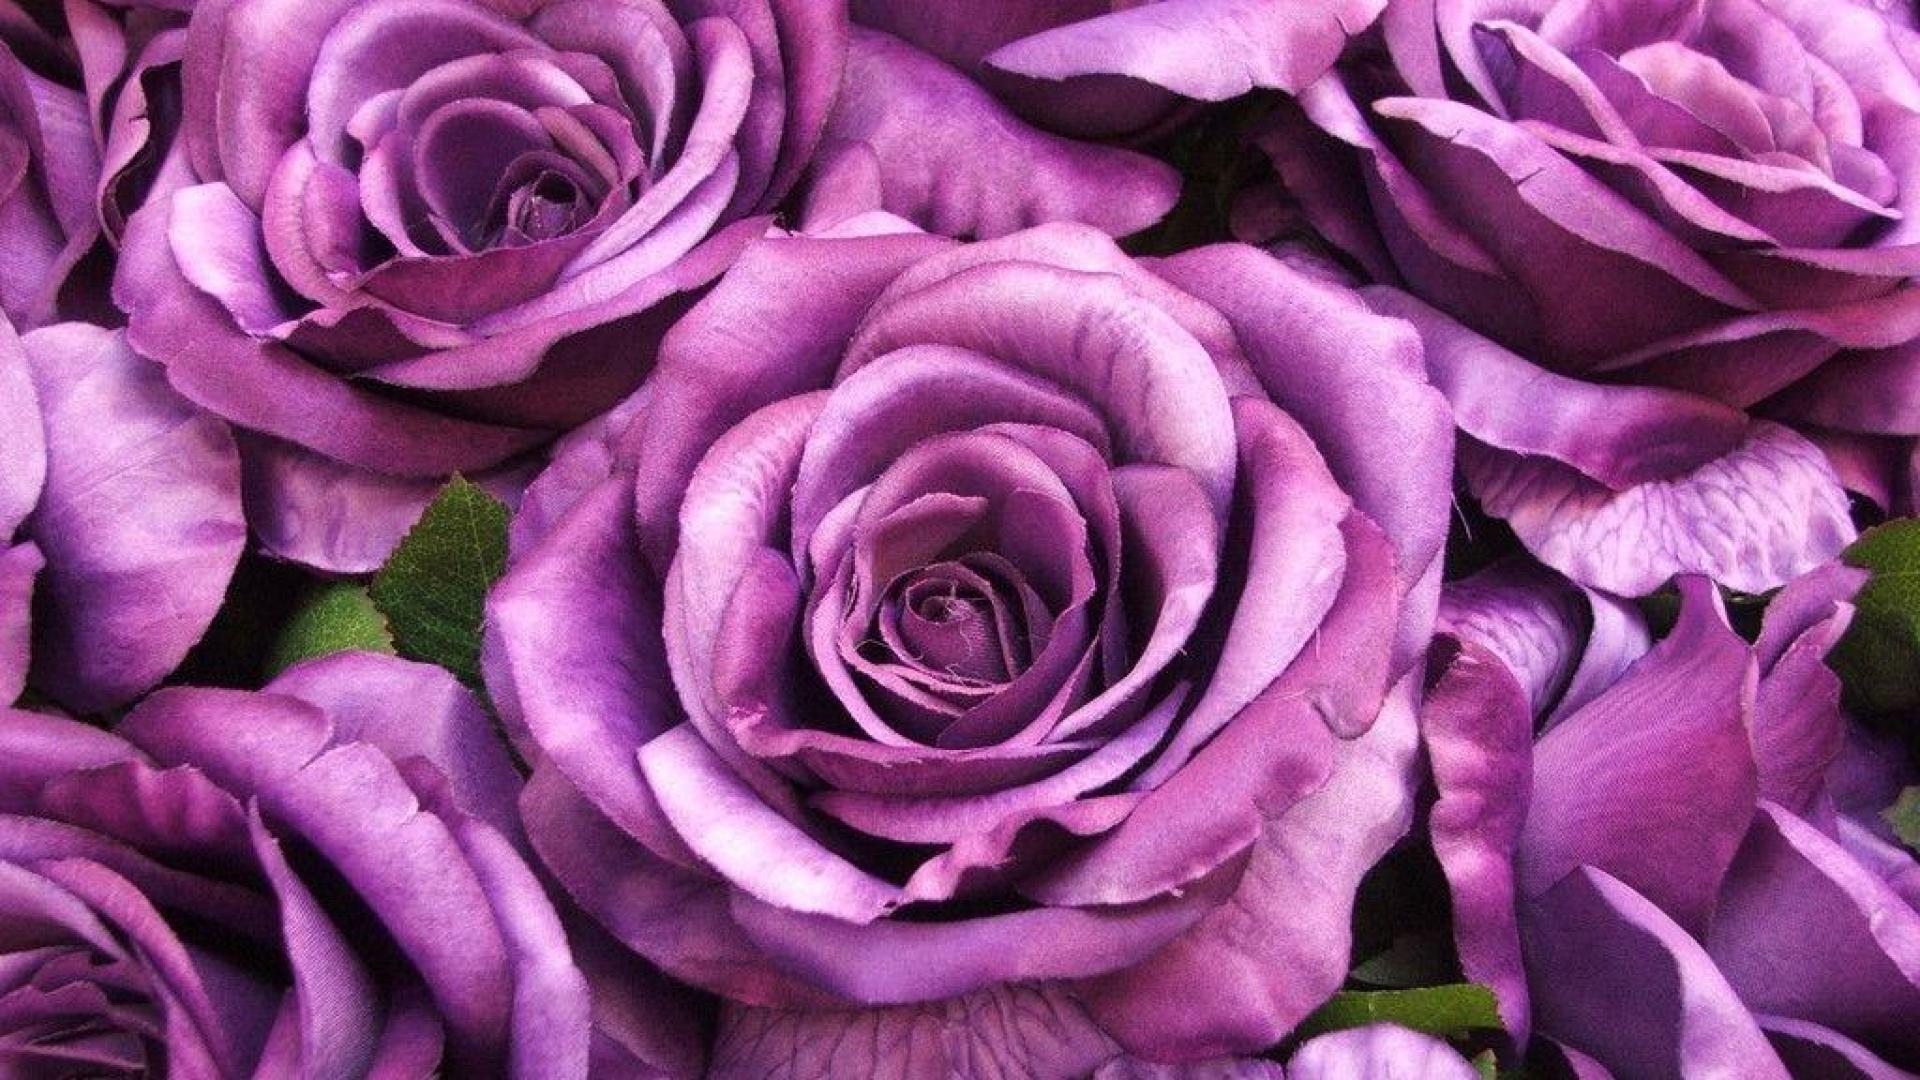 Purple roses wallpaper wallpapersafari - Big rose flower wallpaper ...